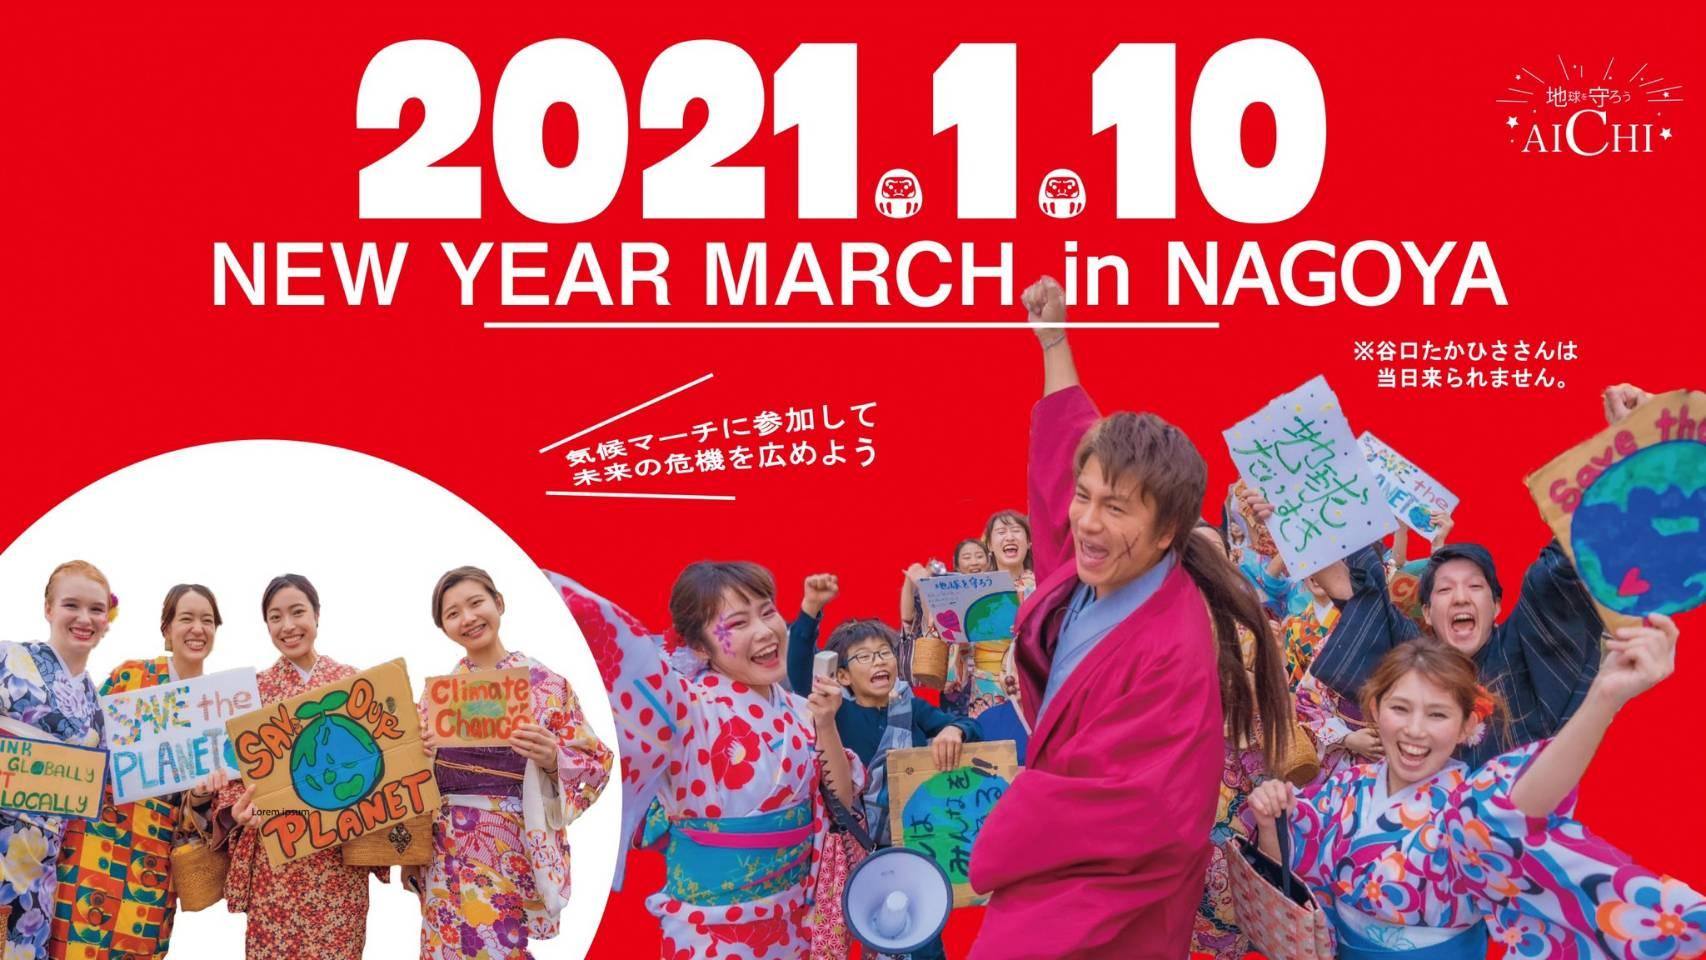 1月10日『名古屋気候マーチ~New Year March~』開催